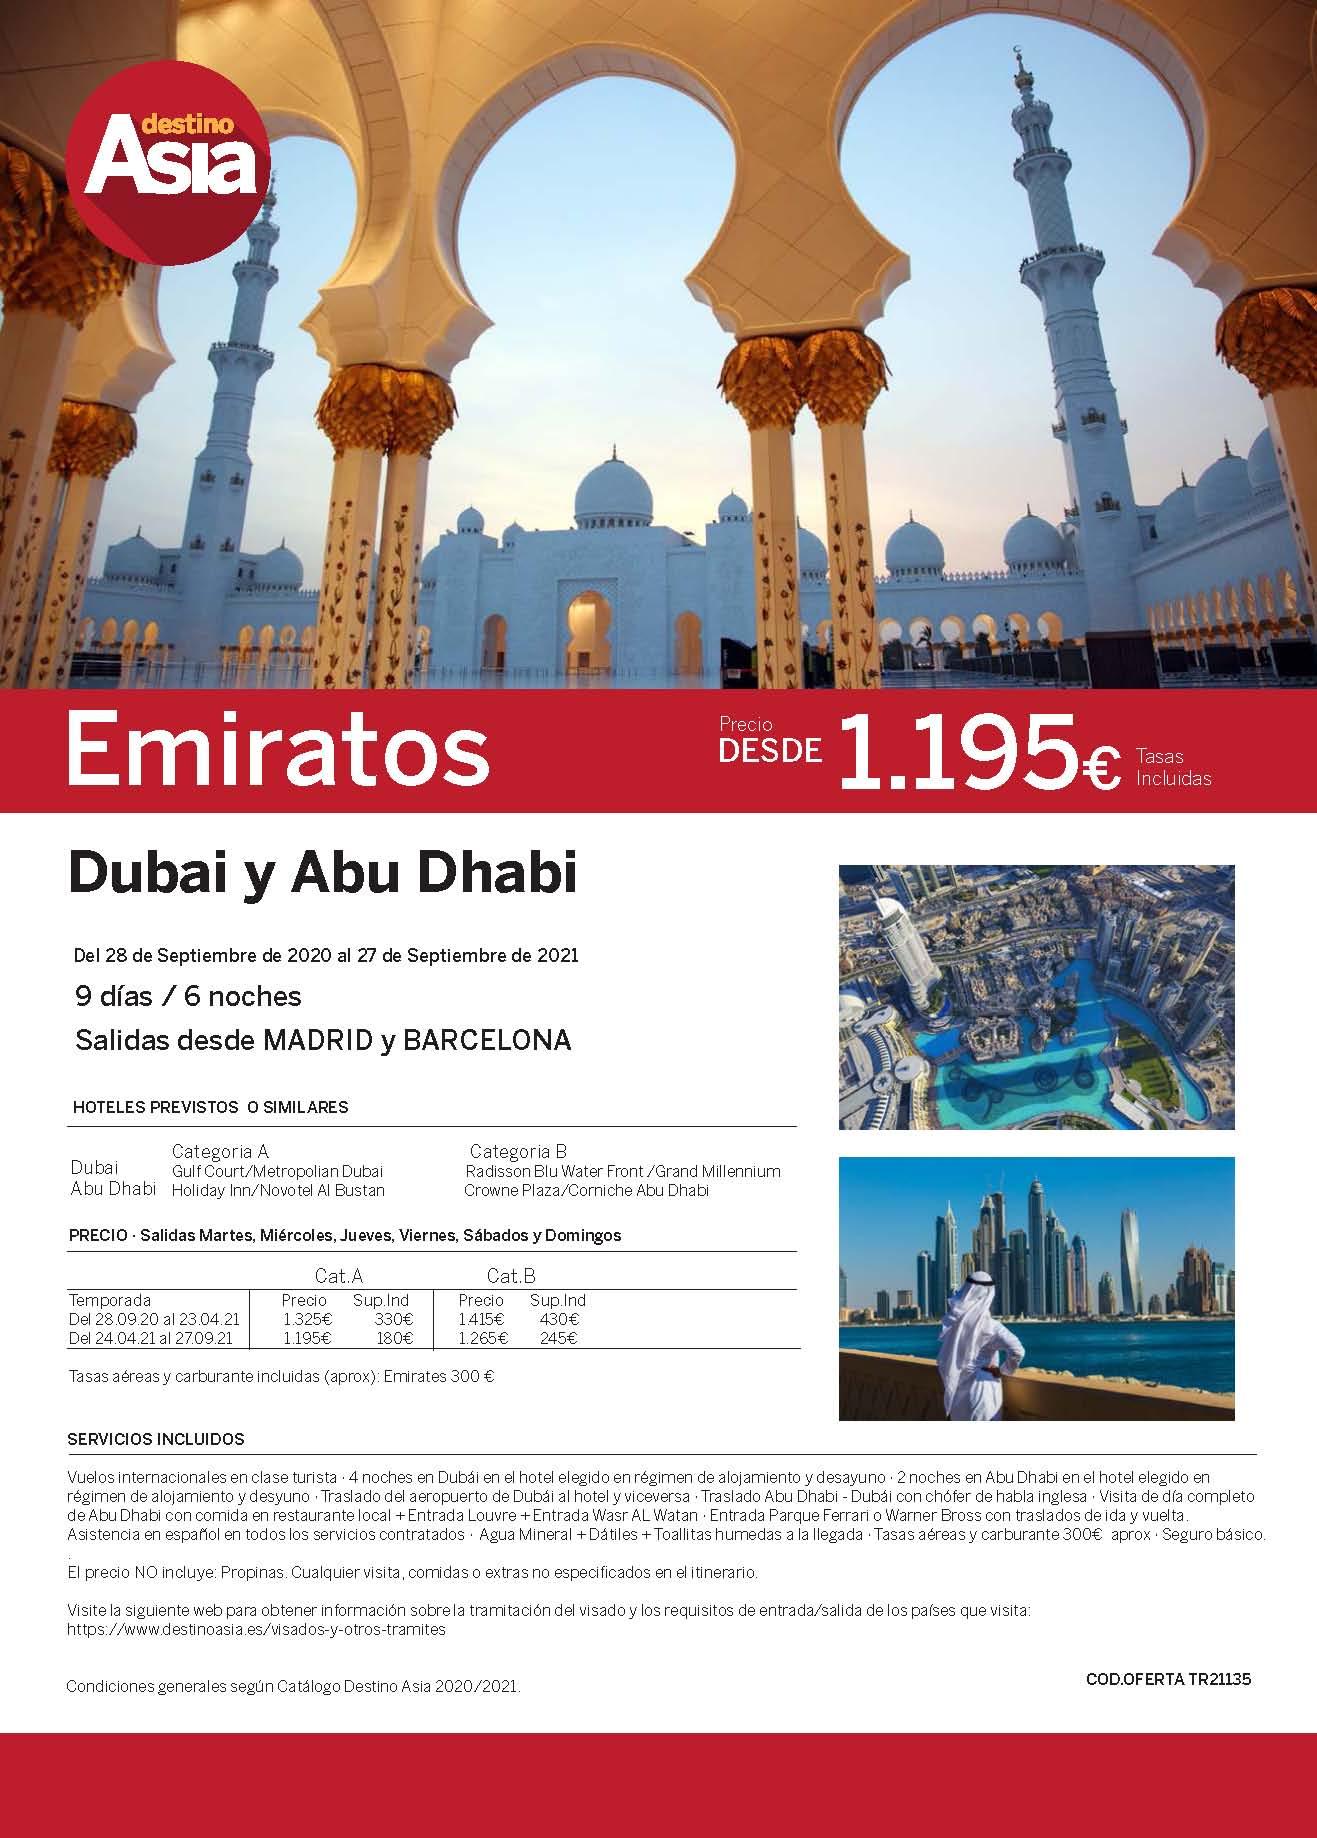 Oferta Destino Asia Dubai y Abu Dhabi Verano 2021